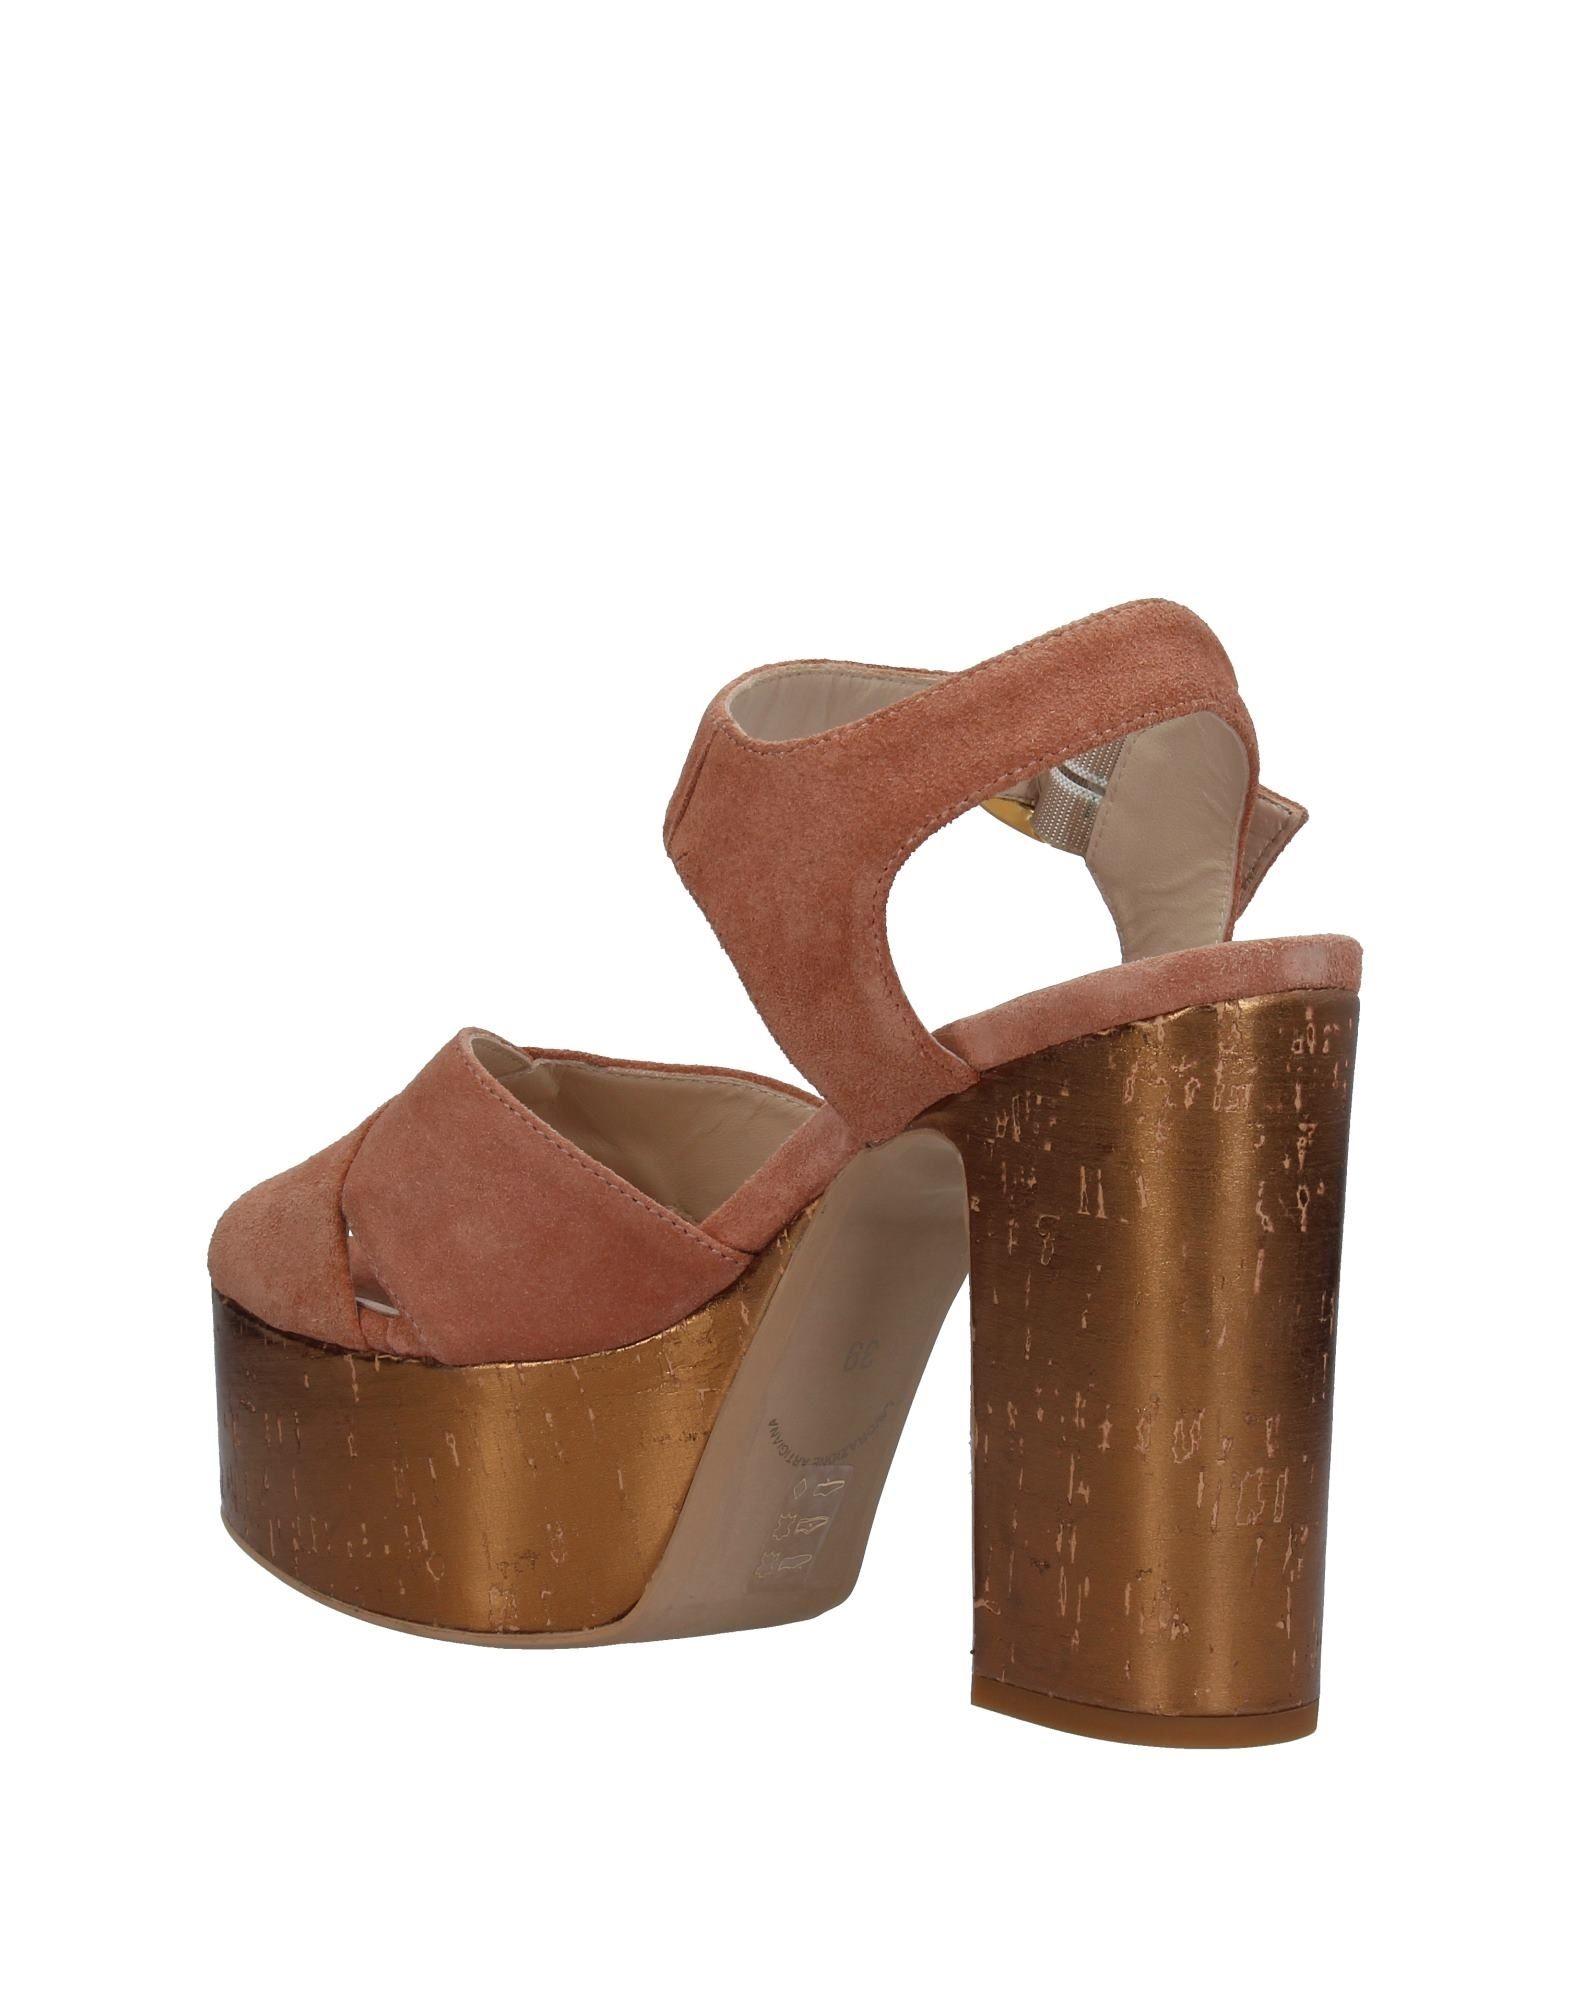 Strategia Gute Sandalen Damen  11369818WG Gute Strategia Qualität beliebte Schuhe 403b03